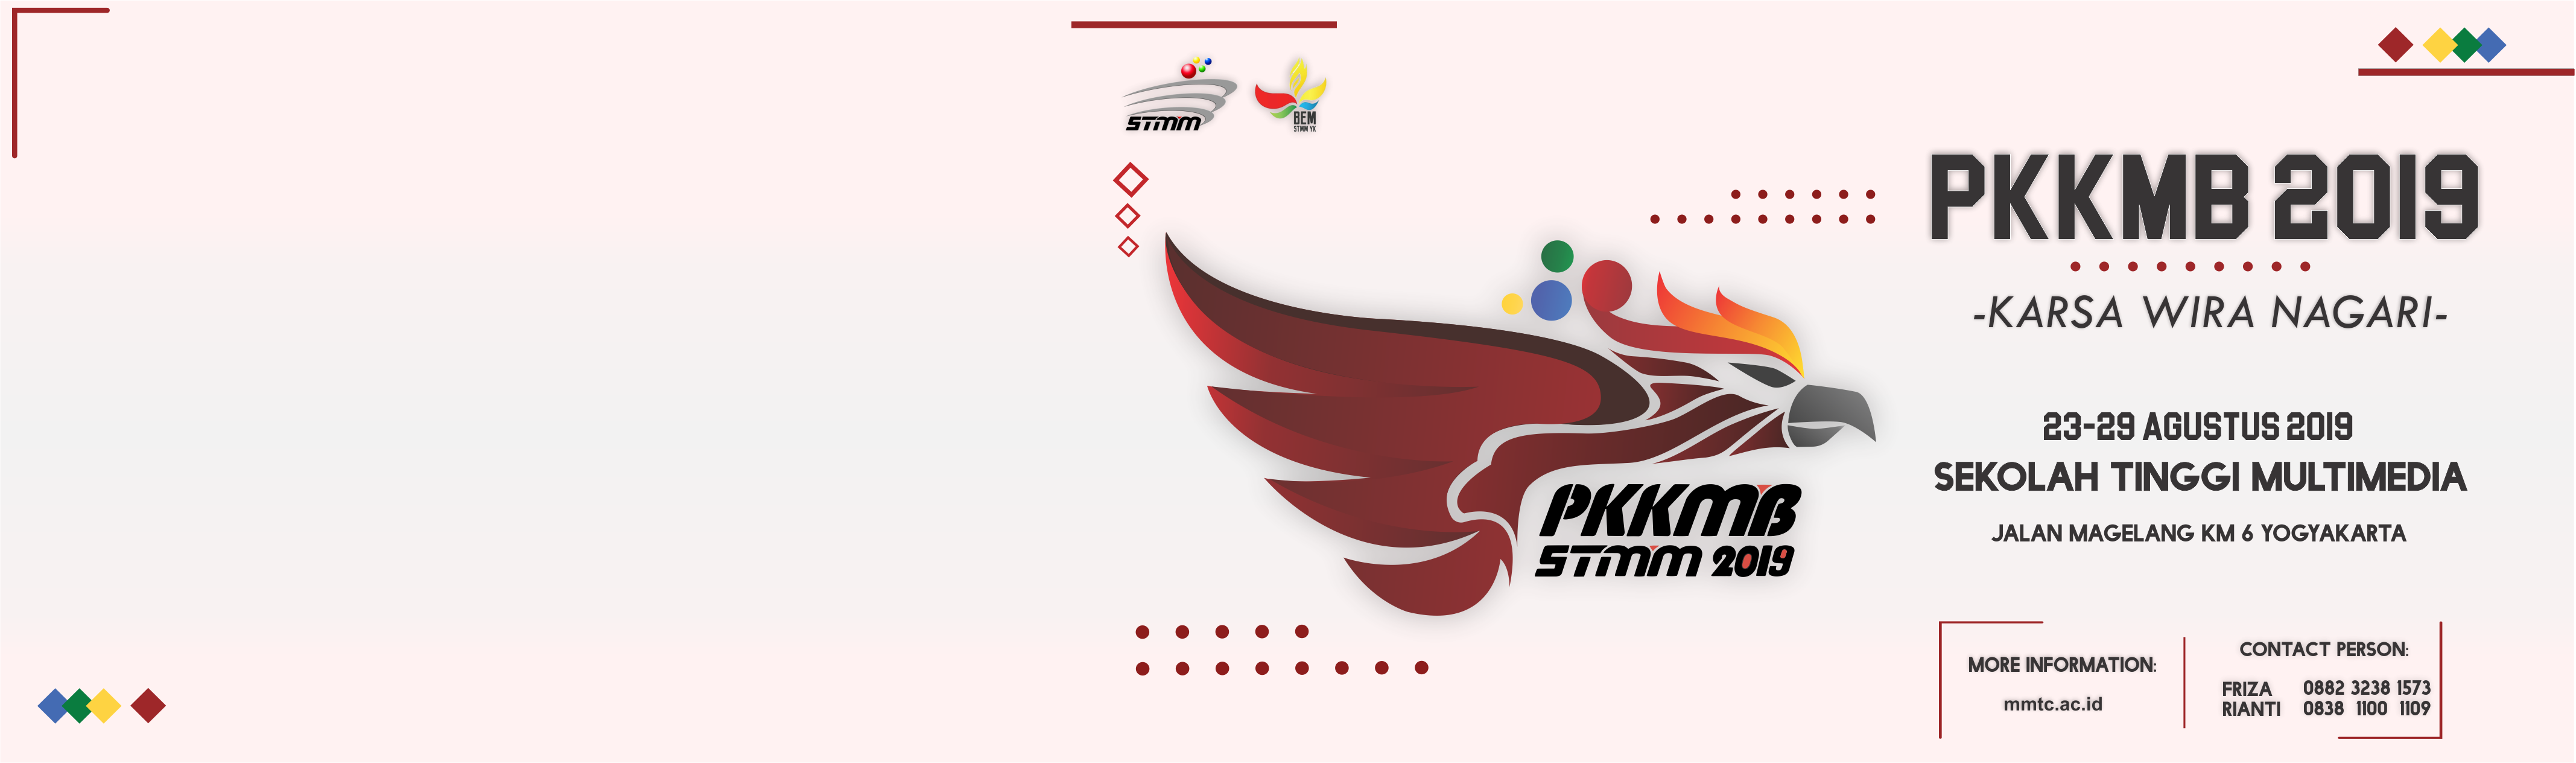 pkkmb19